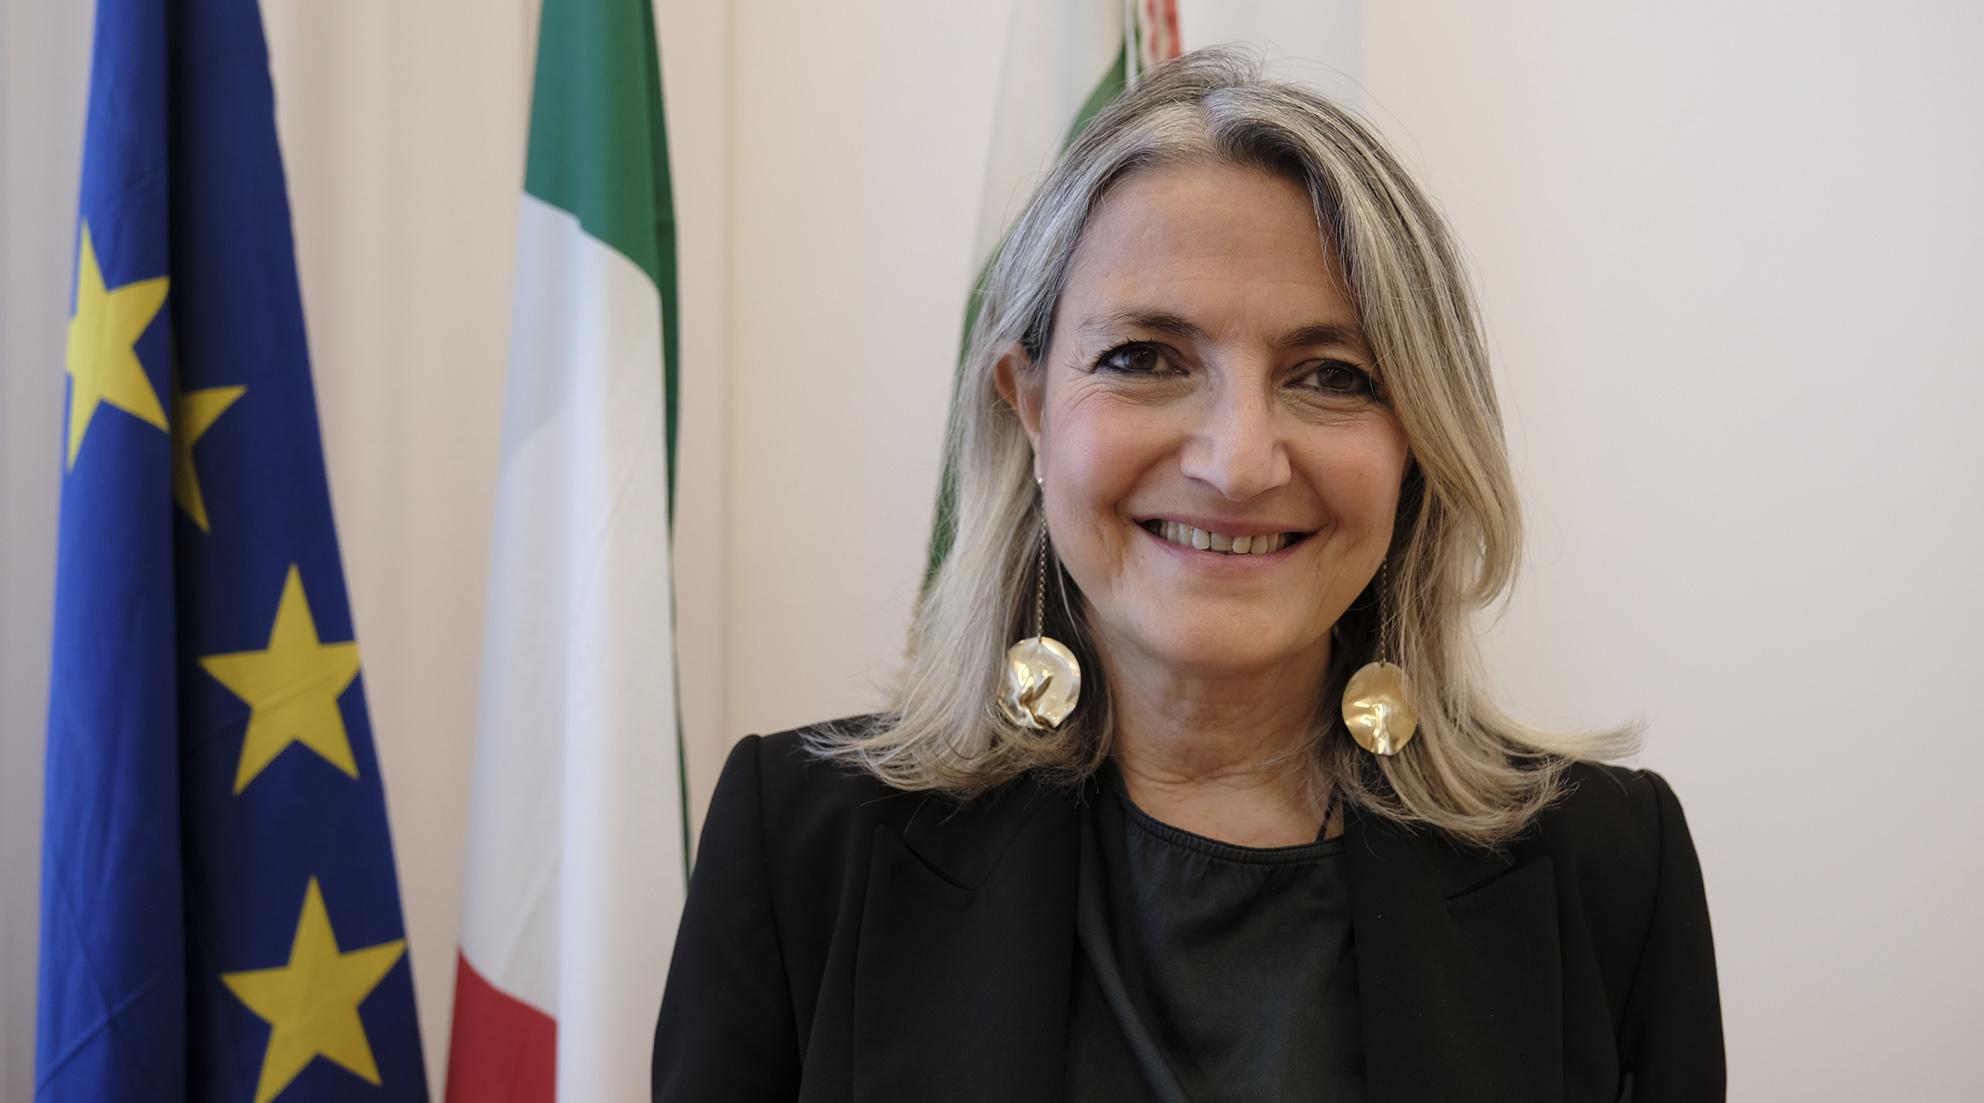 """l'assessore-regionale-pugliese,-anna-grazie-maraschio-alcongresso-nazionale-di-sinistra-italiana:-""""dal-governo-centrale-attenzione-ai-temi-ambientali"""""""